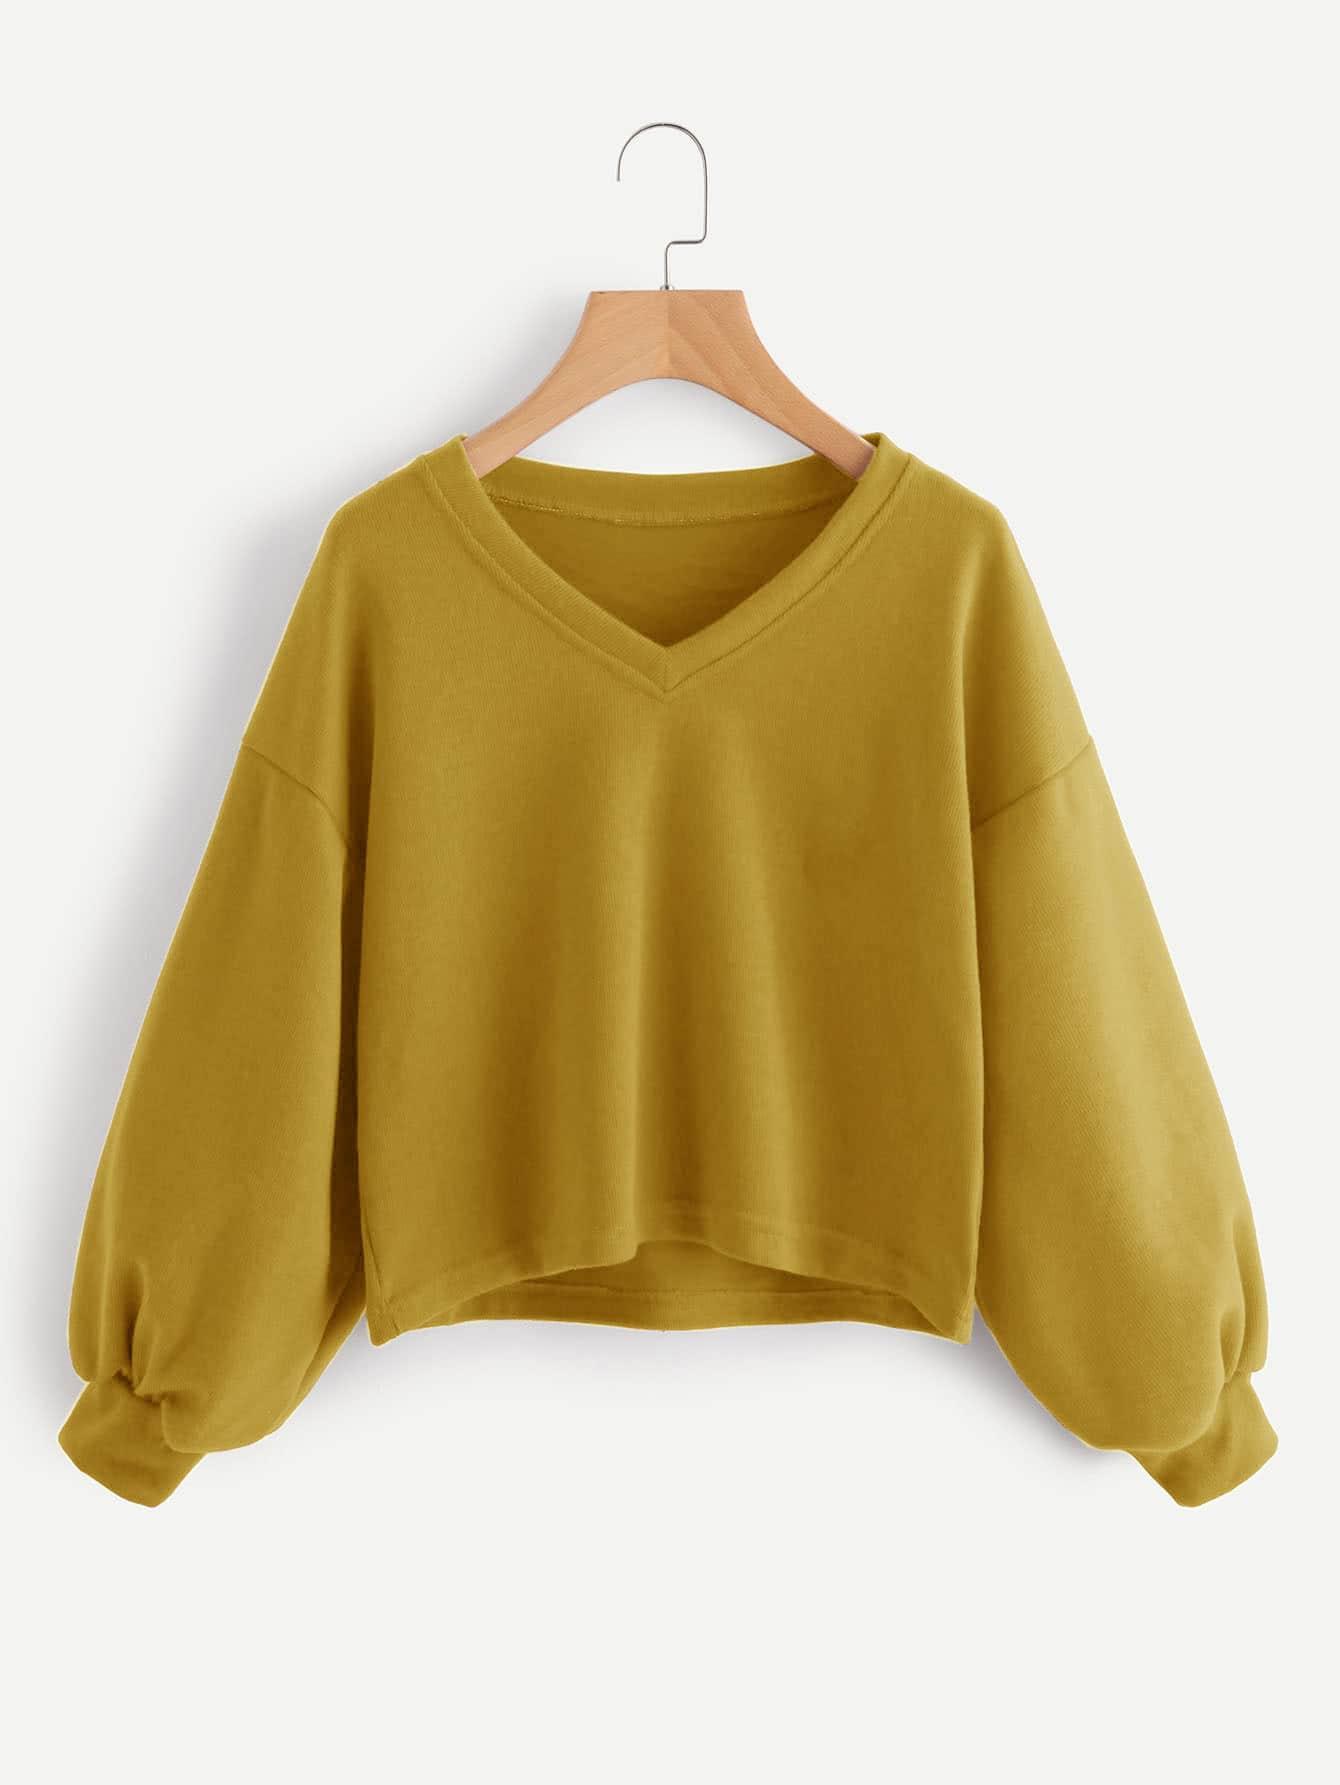 Sweatshirt mit V-Ausschnitt, sehr tief angesetzter Schulterpartie und Laterne Ärmeln